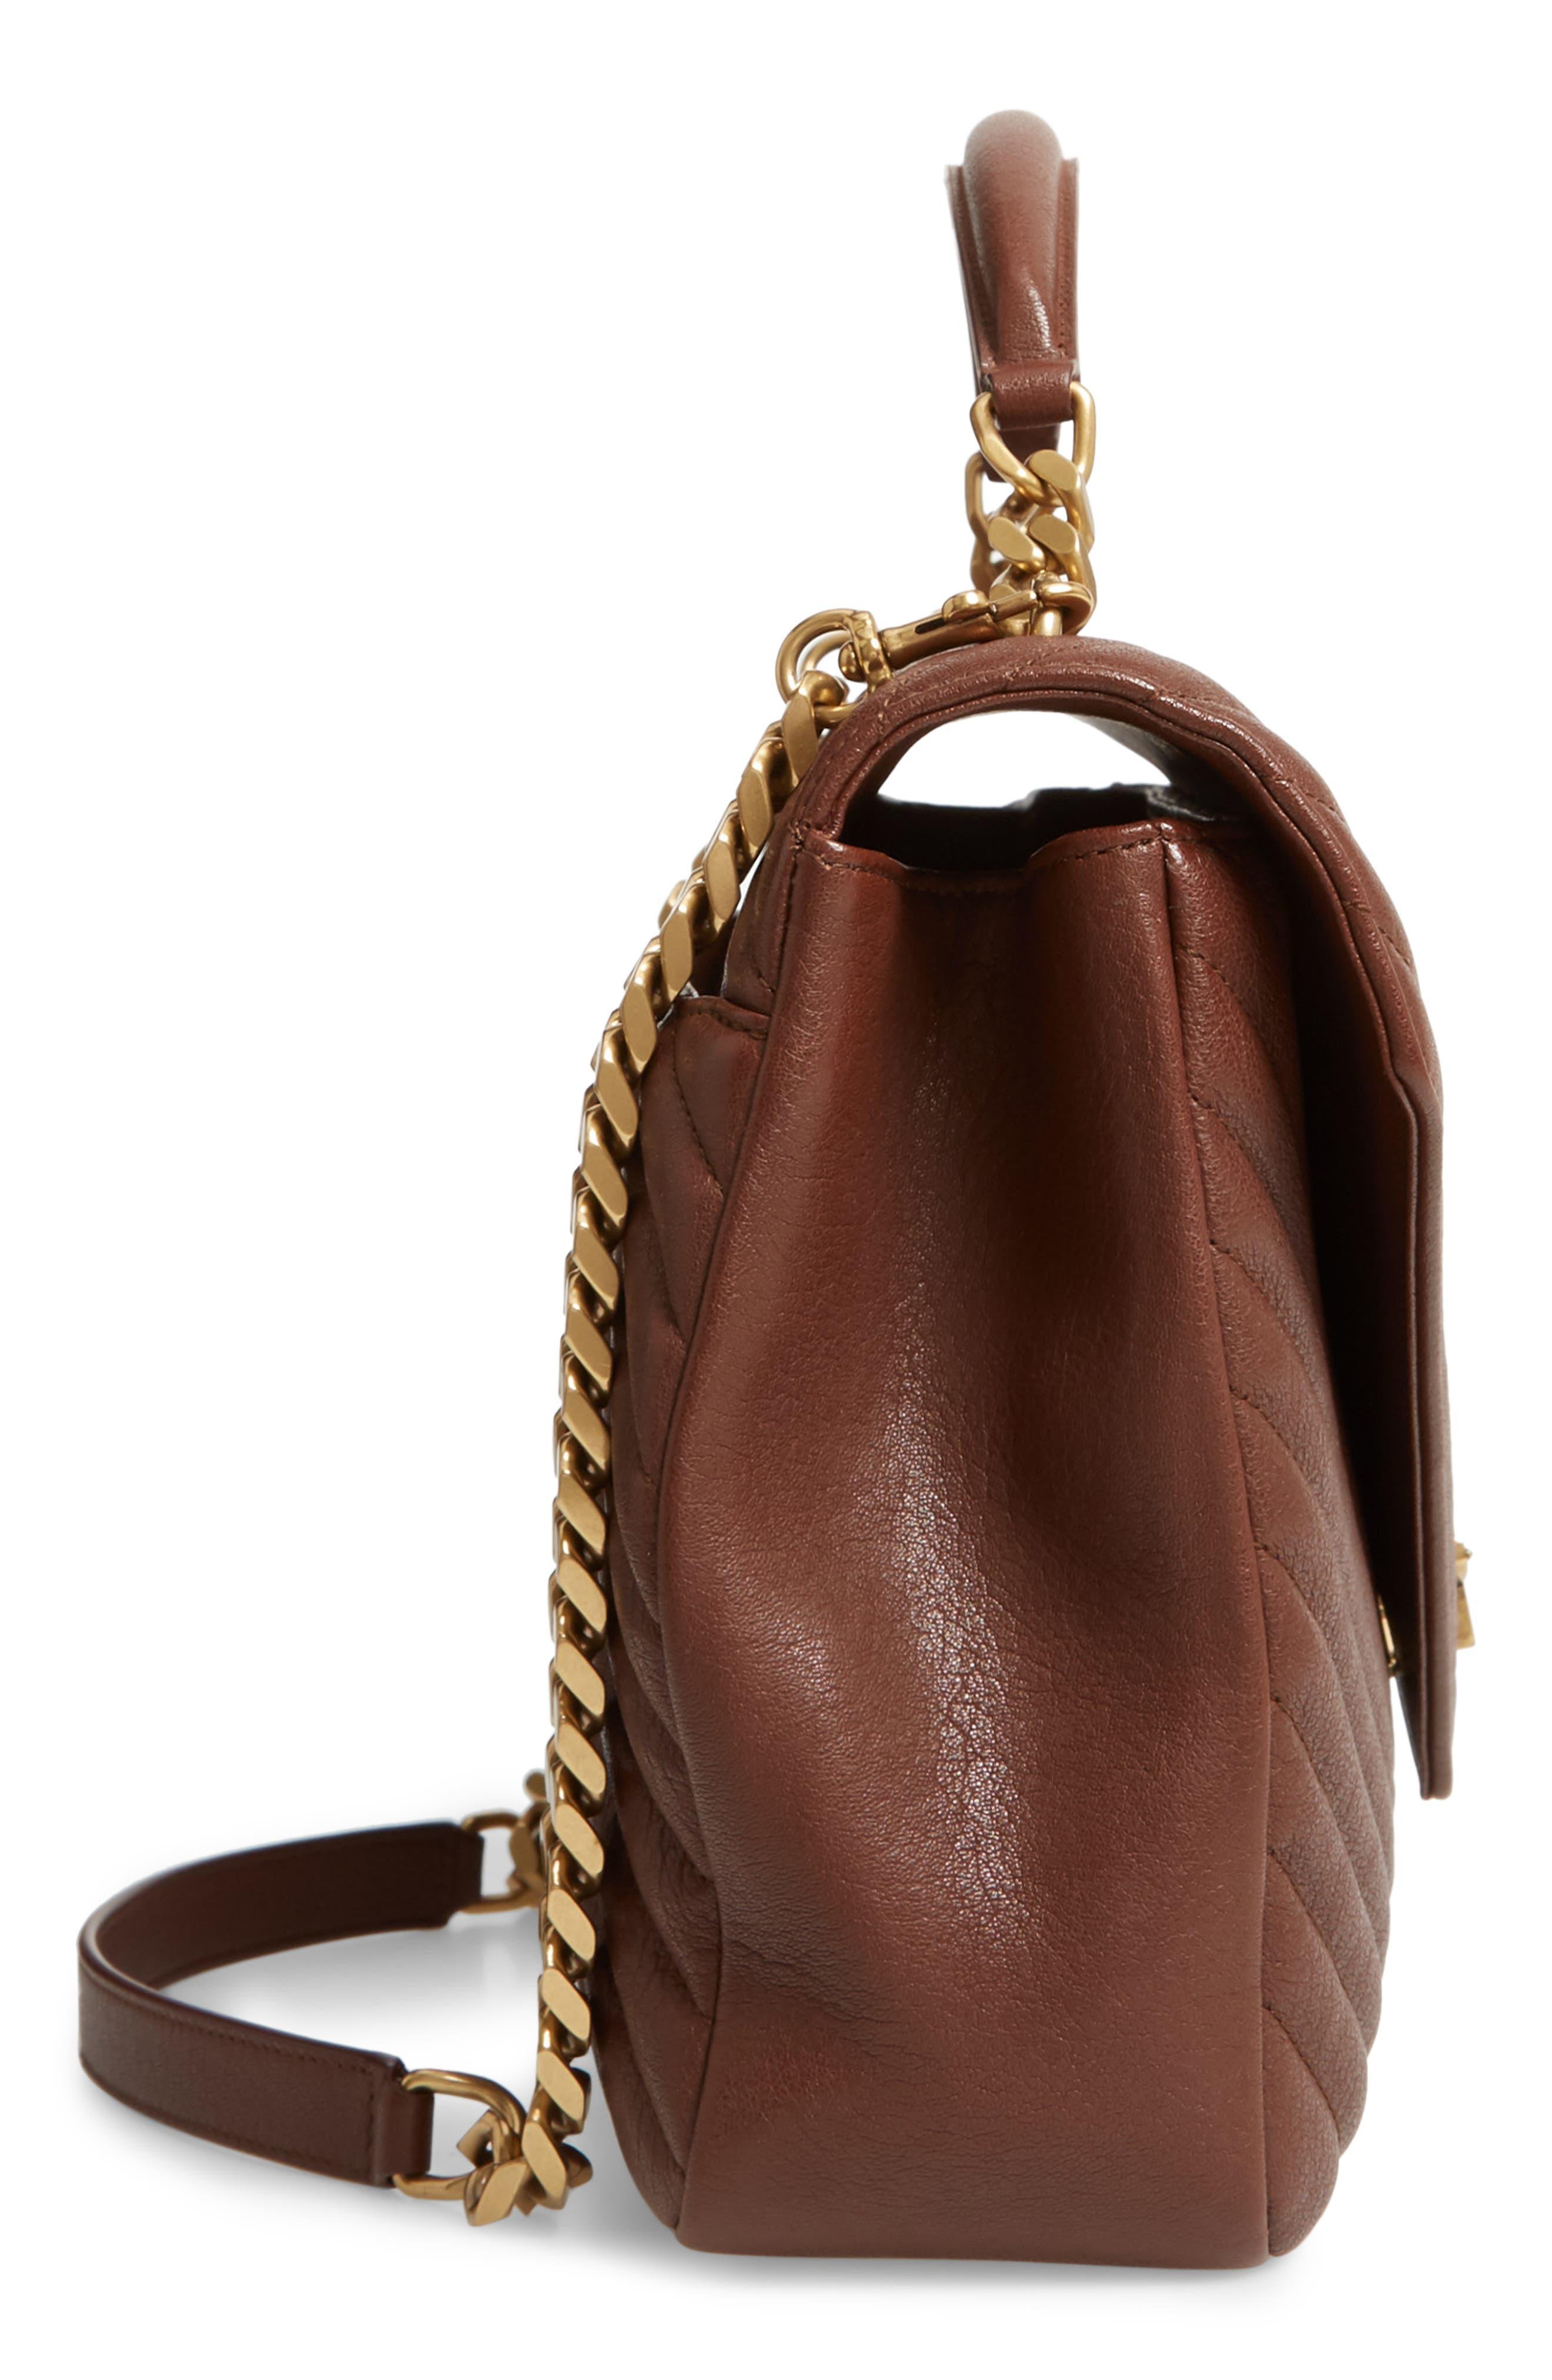 Medium College Shoulder Bag,                             Alternate thumbnail 5, color,                             BRANDY OLD